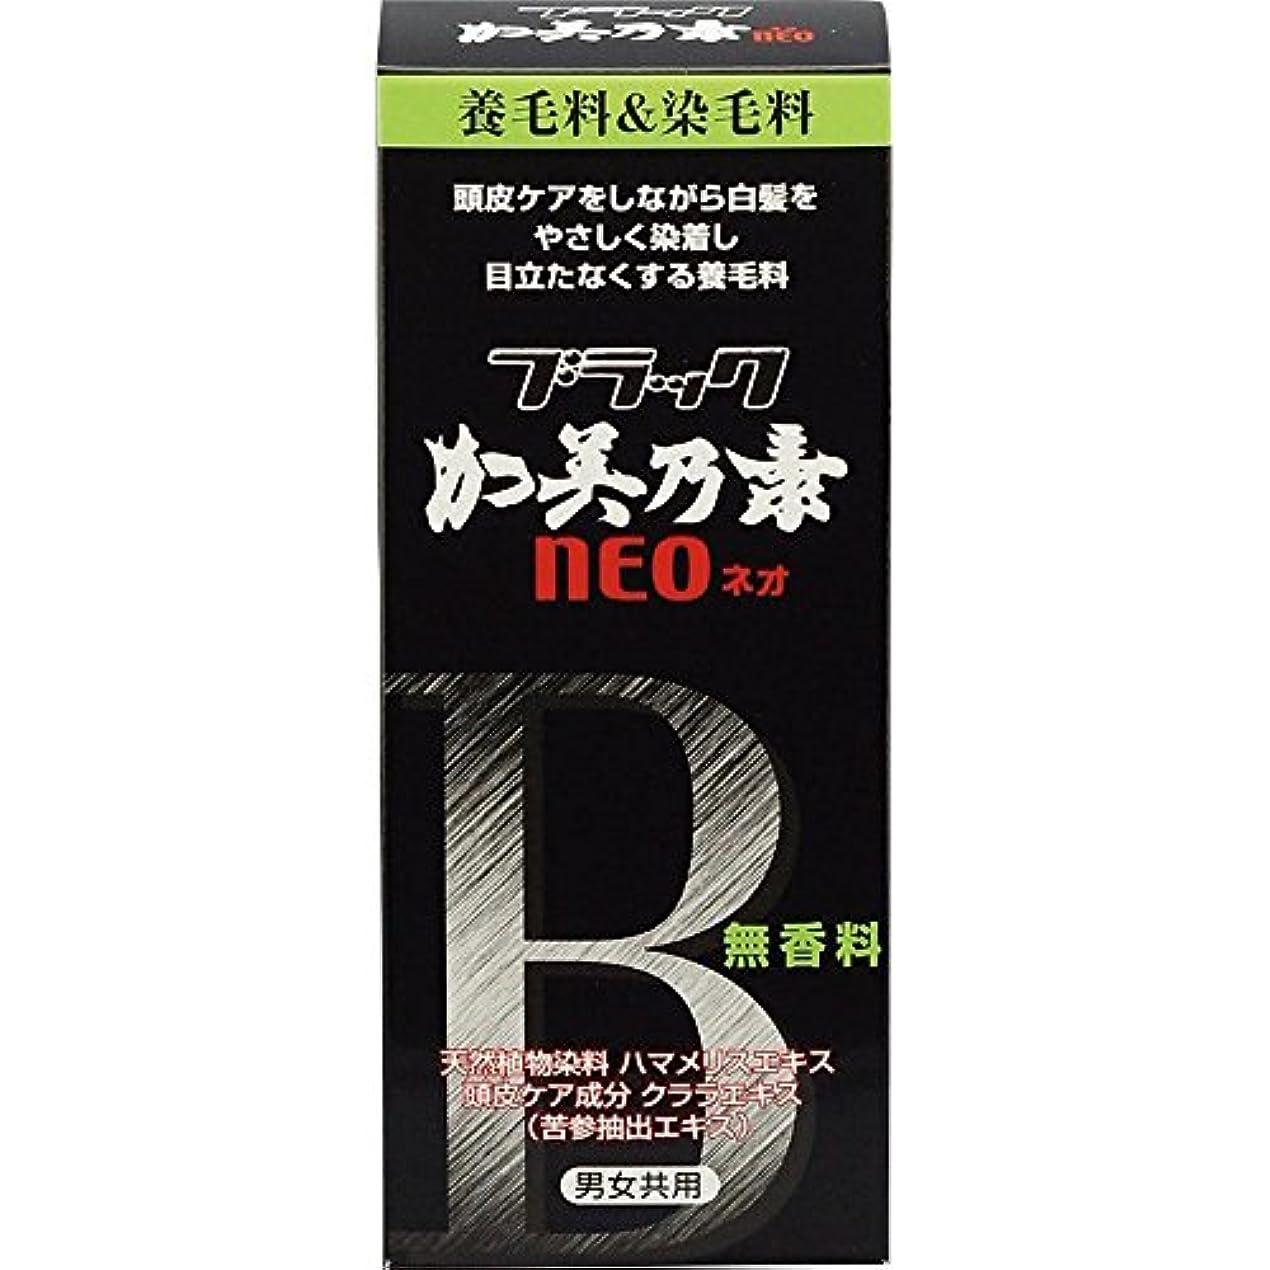 水素選ぶヤングブラック加美乃素NEO 無香料 150mL